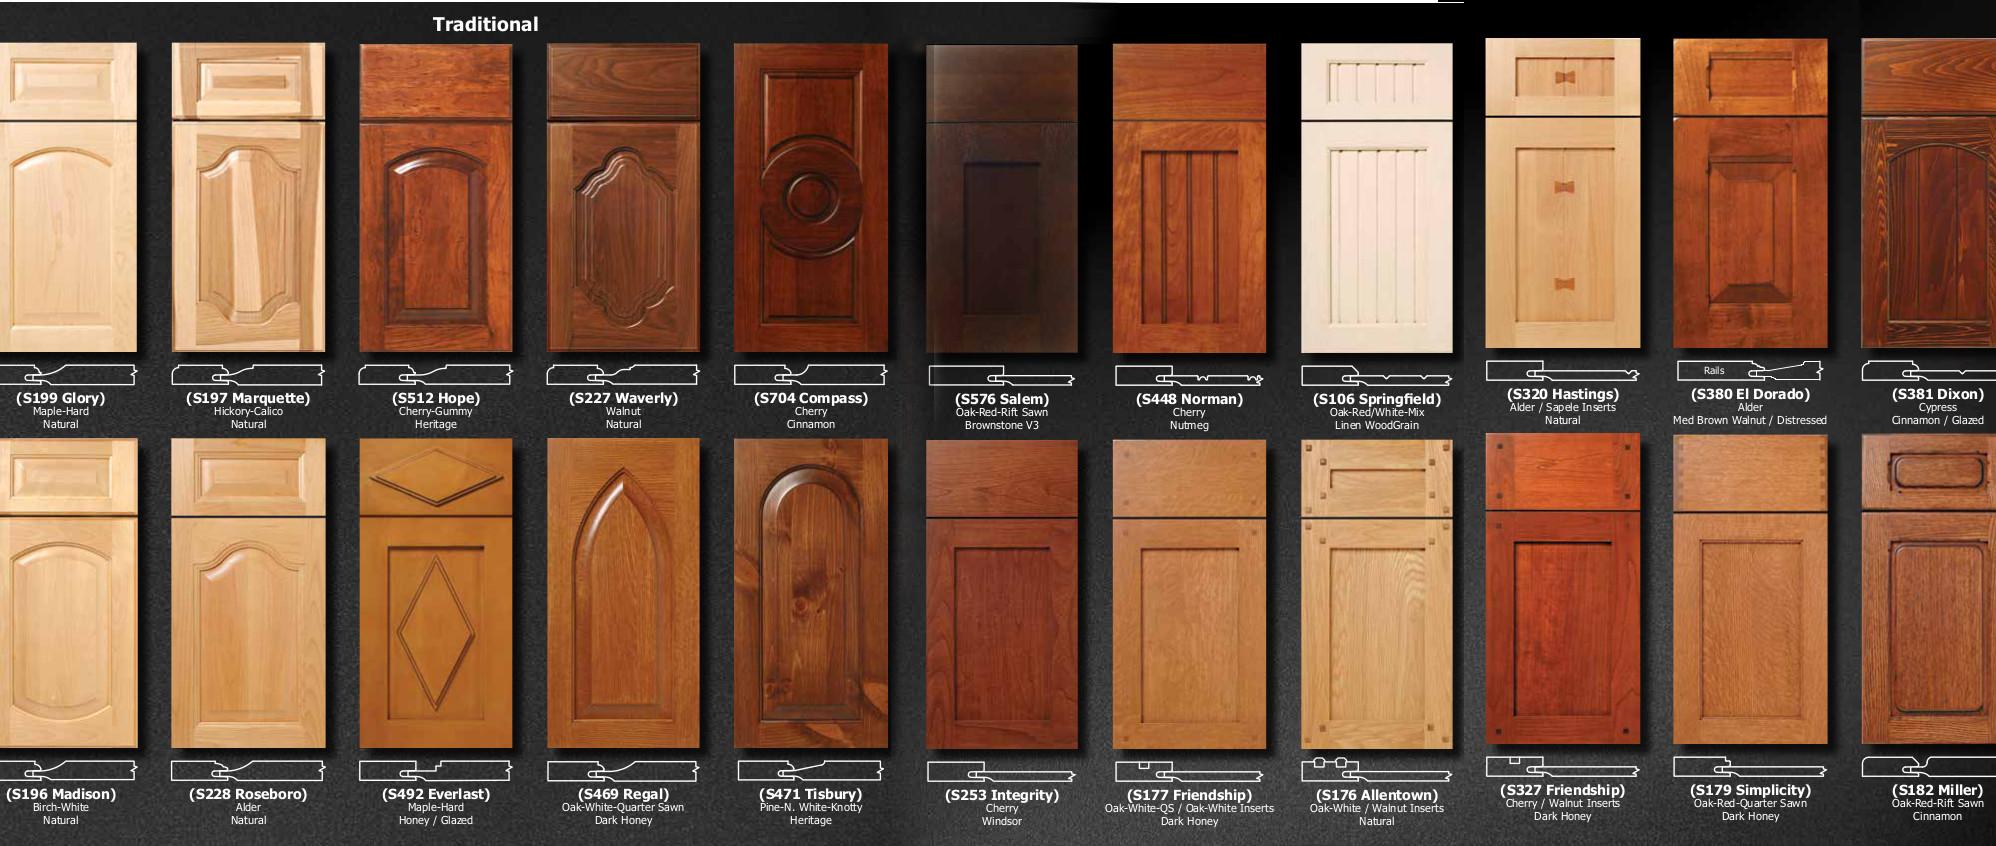 DoorSamples1.jpg